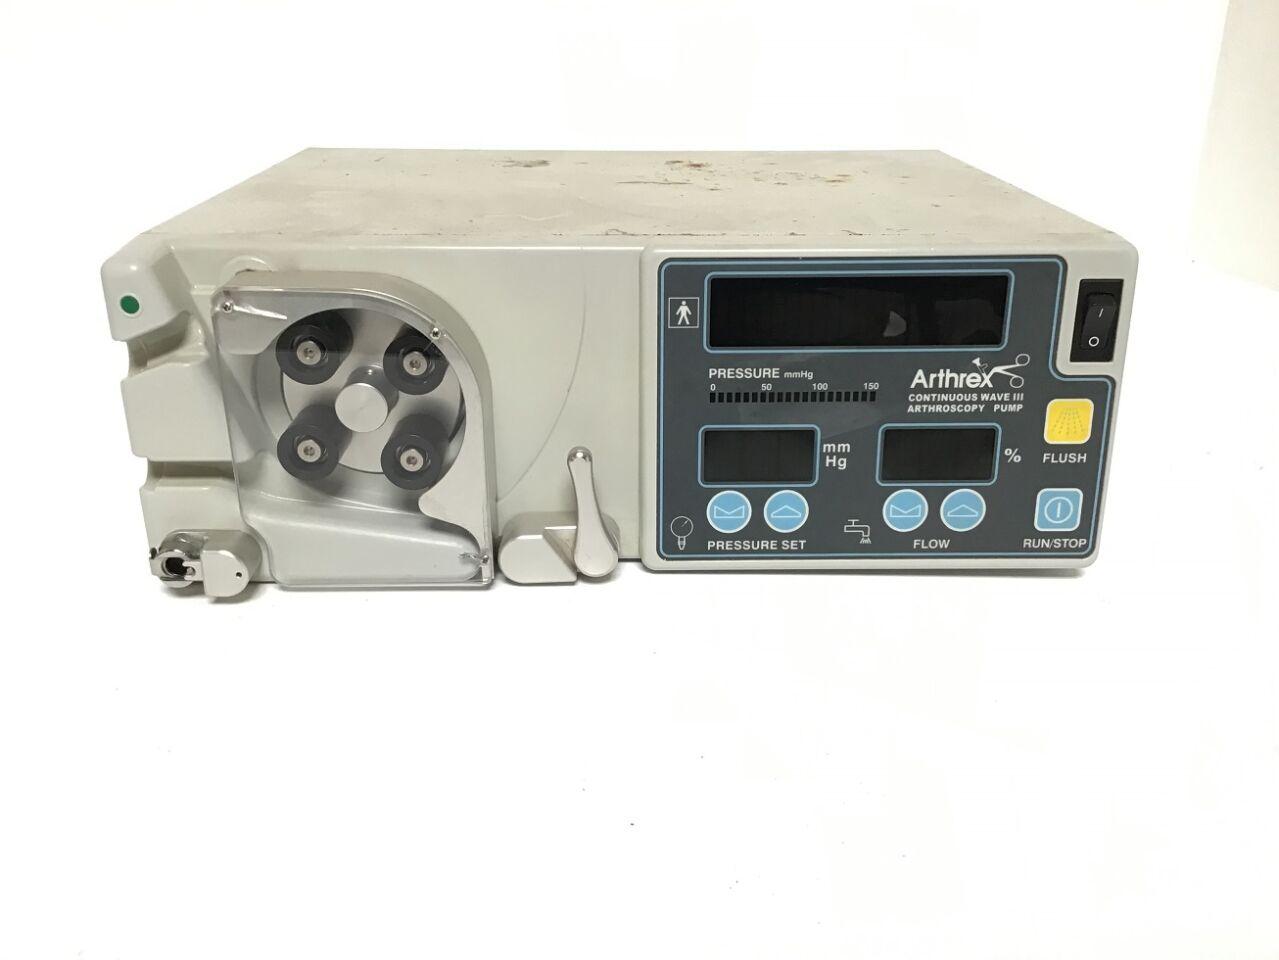 ARTHREX REF: AR-6475 Arthroscopy Pump